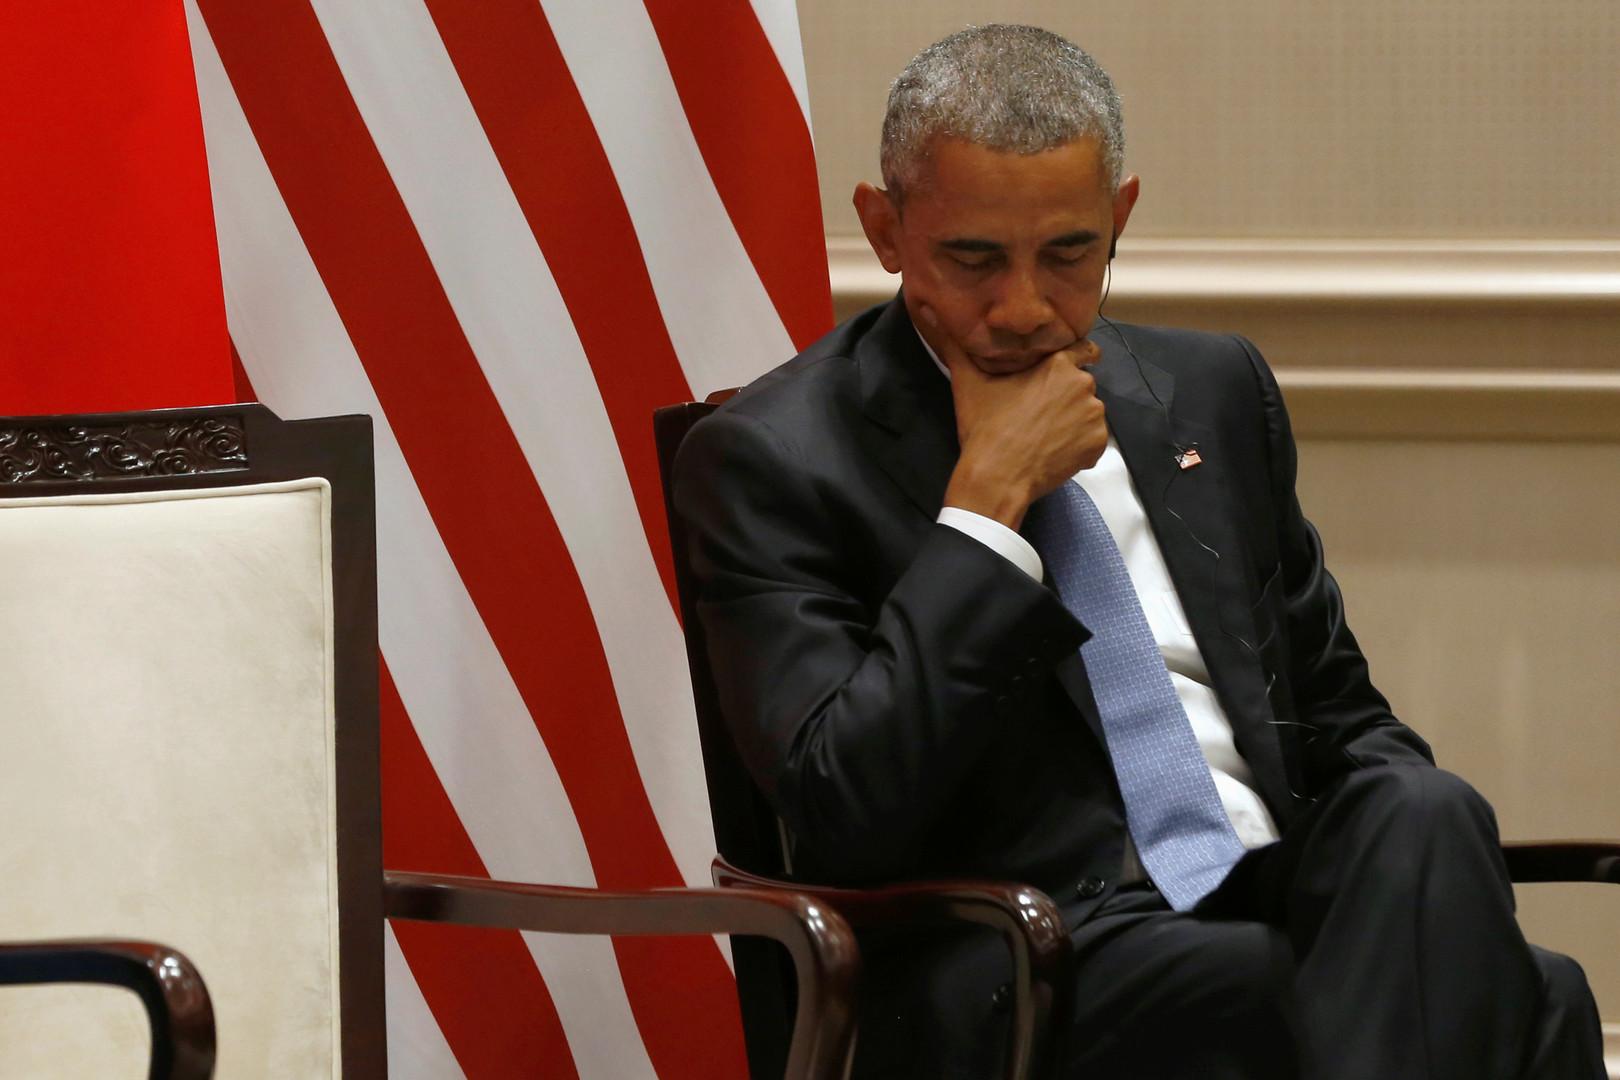 Исключительный приём: организаторы саммита G20 в Китае холодно встретили Обаму